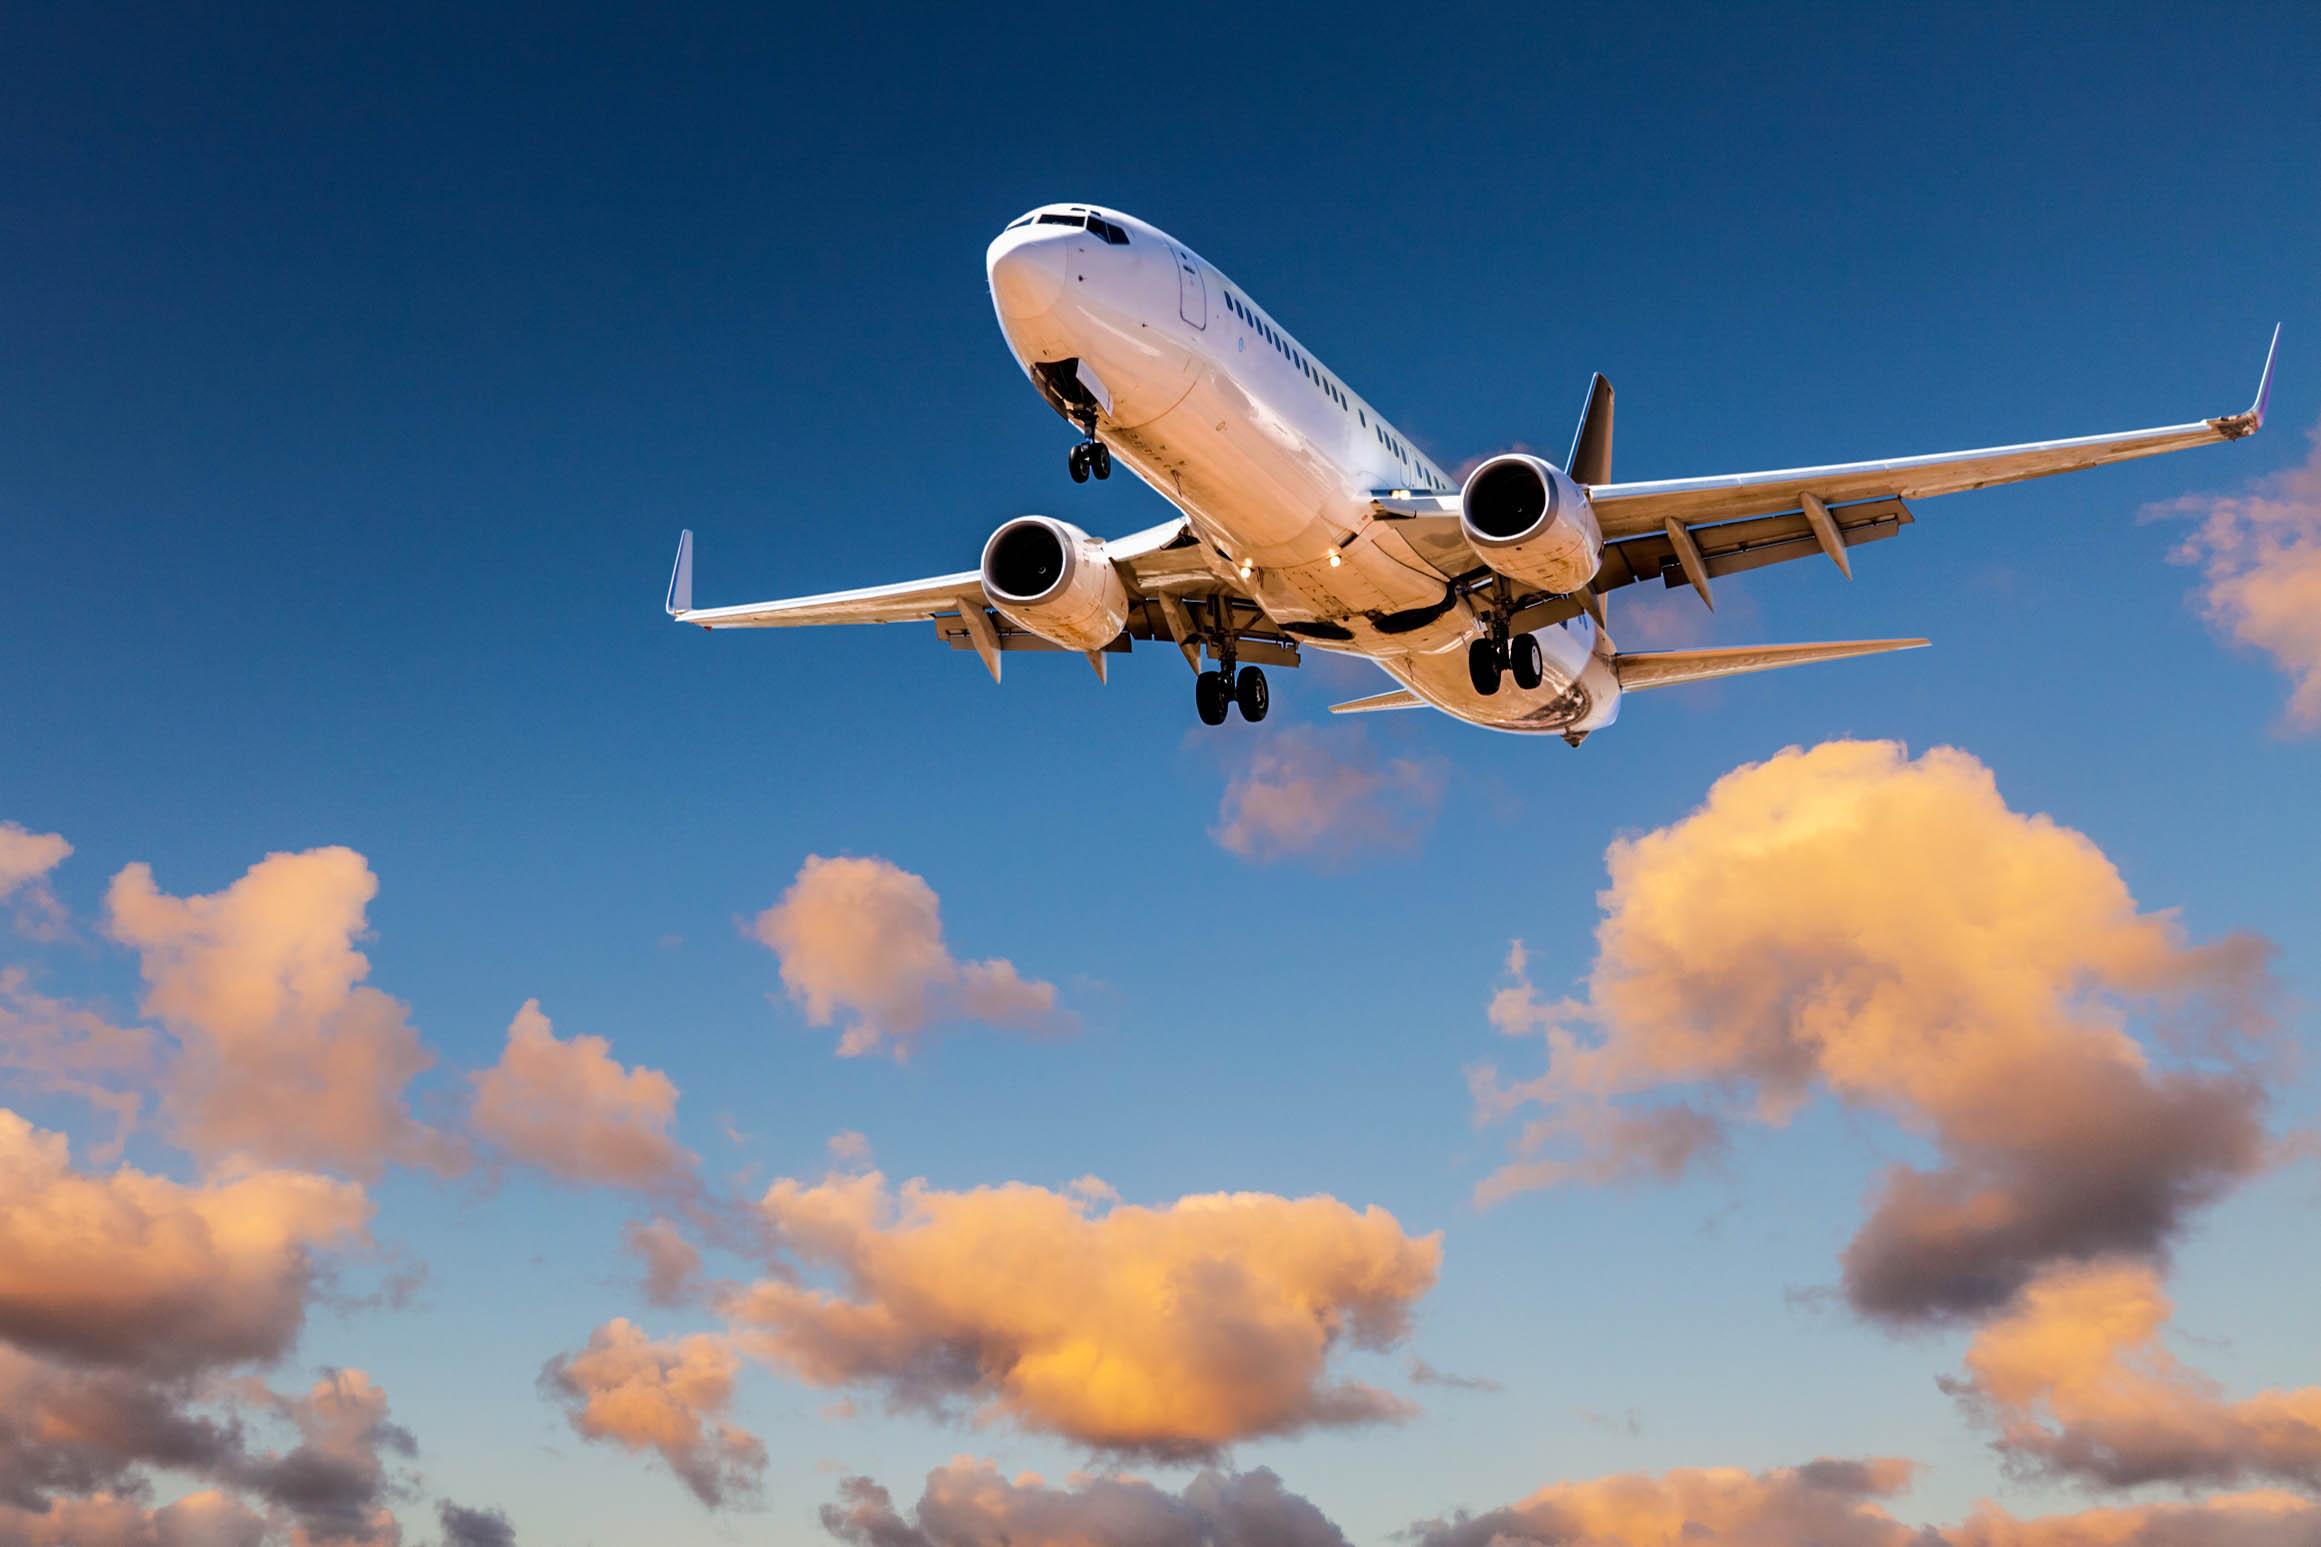 Flugzeug im Sonnenuntergang, Chemtrail Theorie